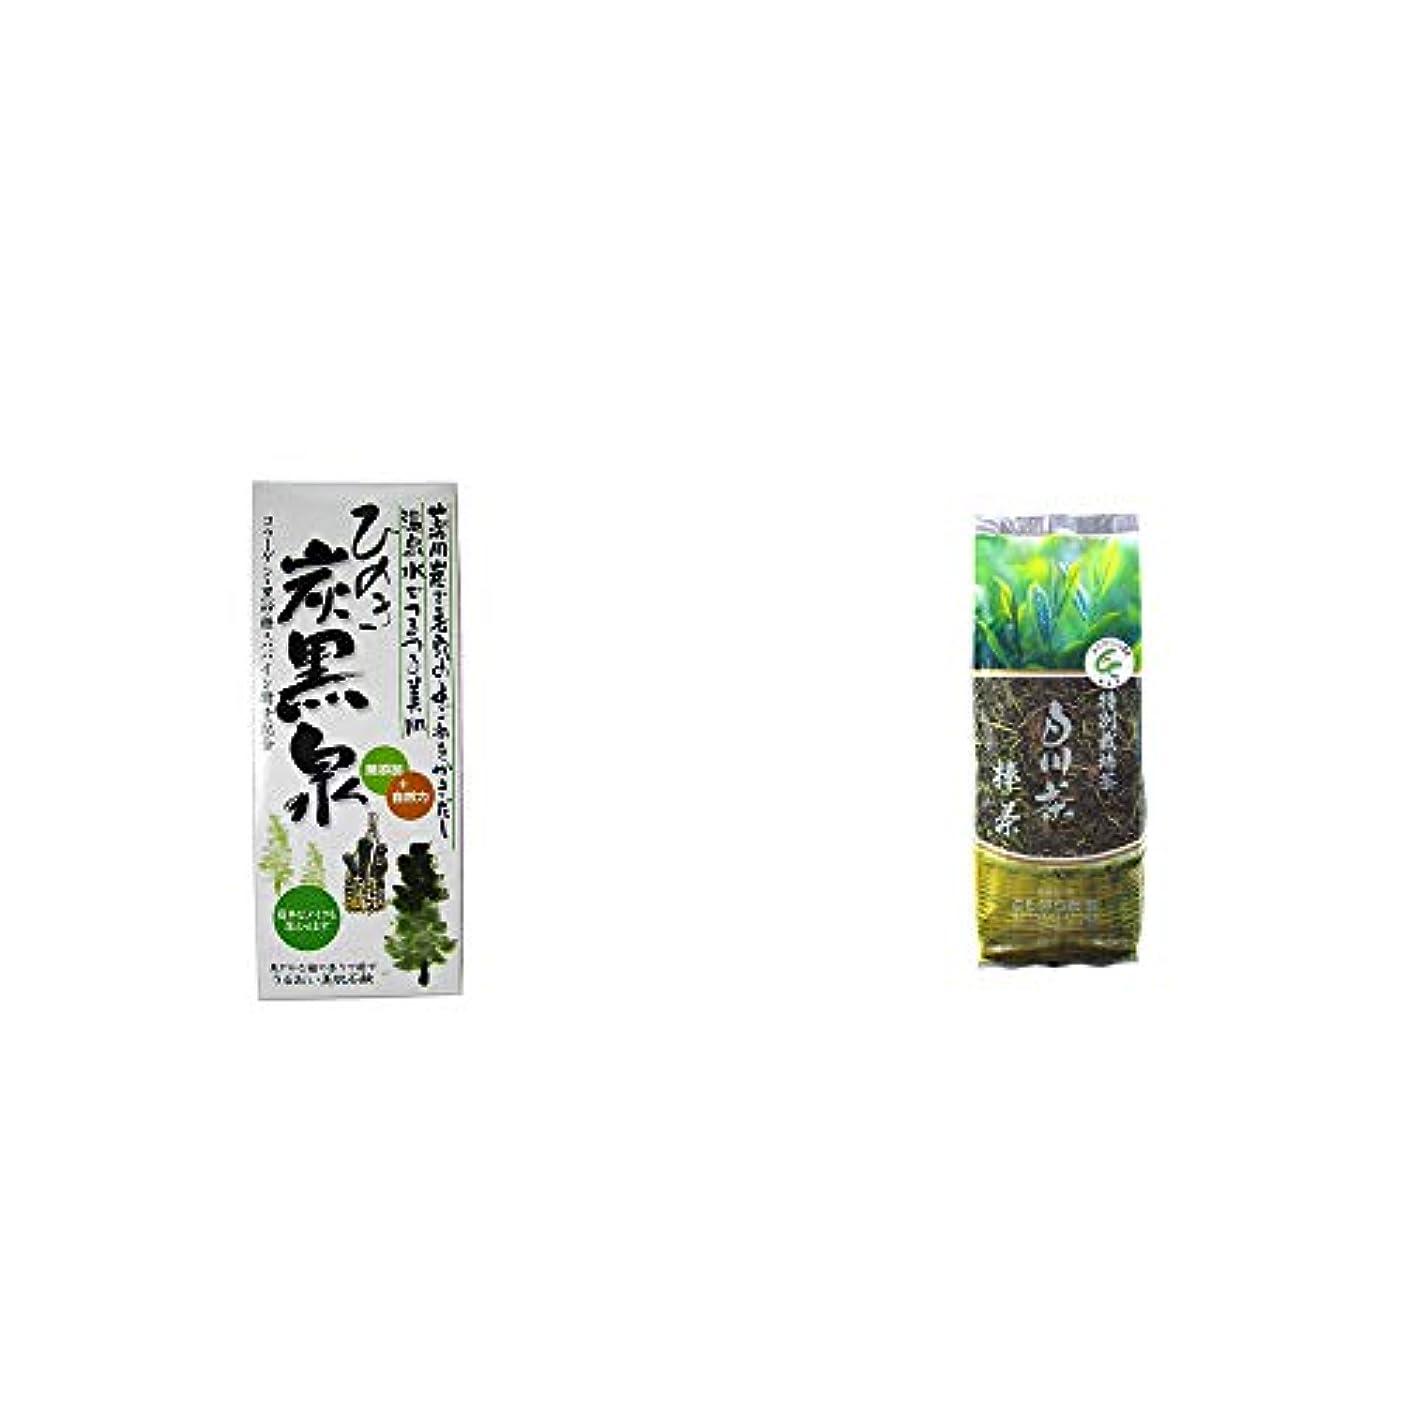 すり加速度集中[2点セット] ひのき炭黒泉 箱入り(75g×3)?白川茶 特別栽培茶【棒茶】(150g)